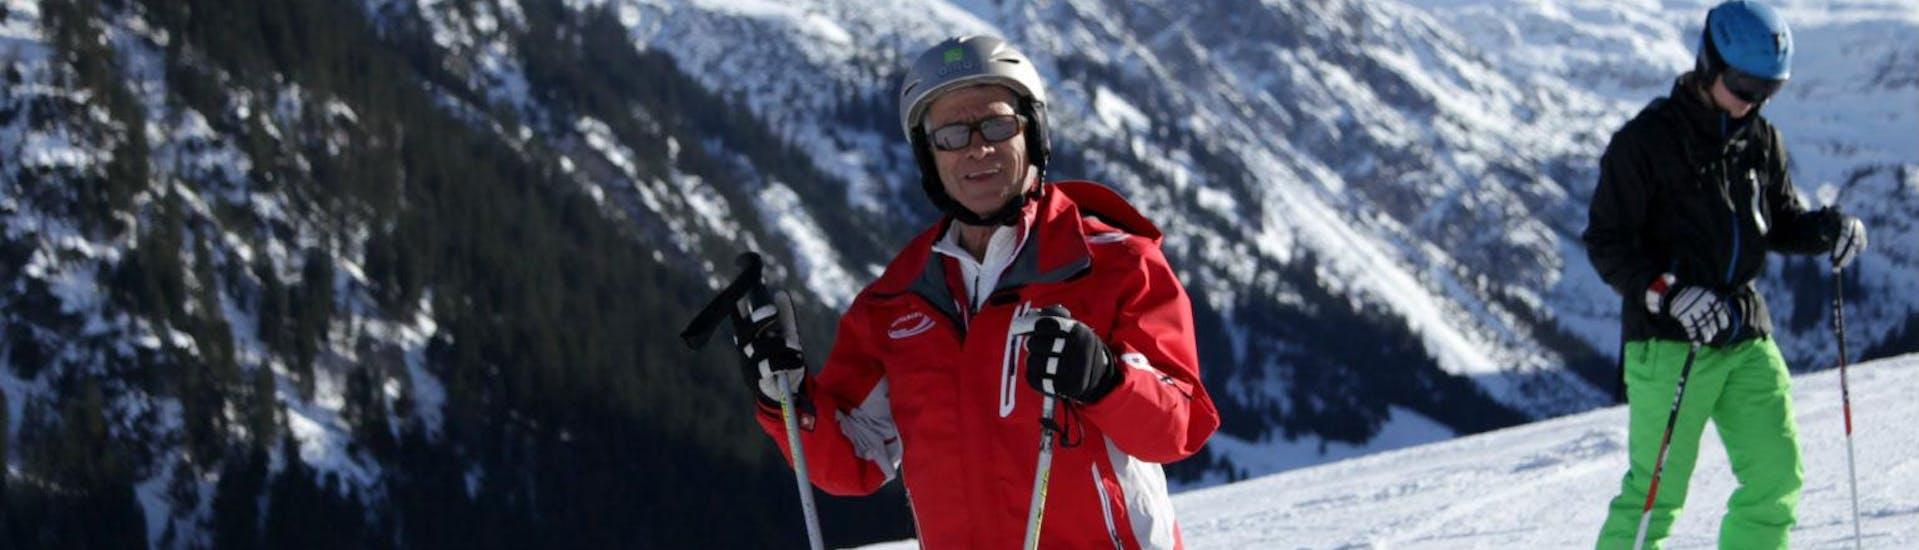 Curso de esquí para adultos para avanzados